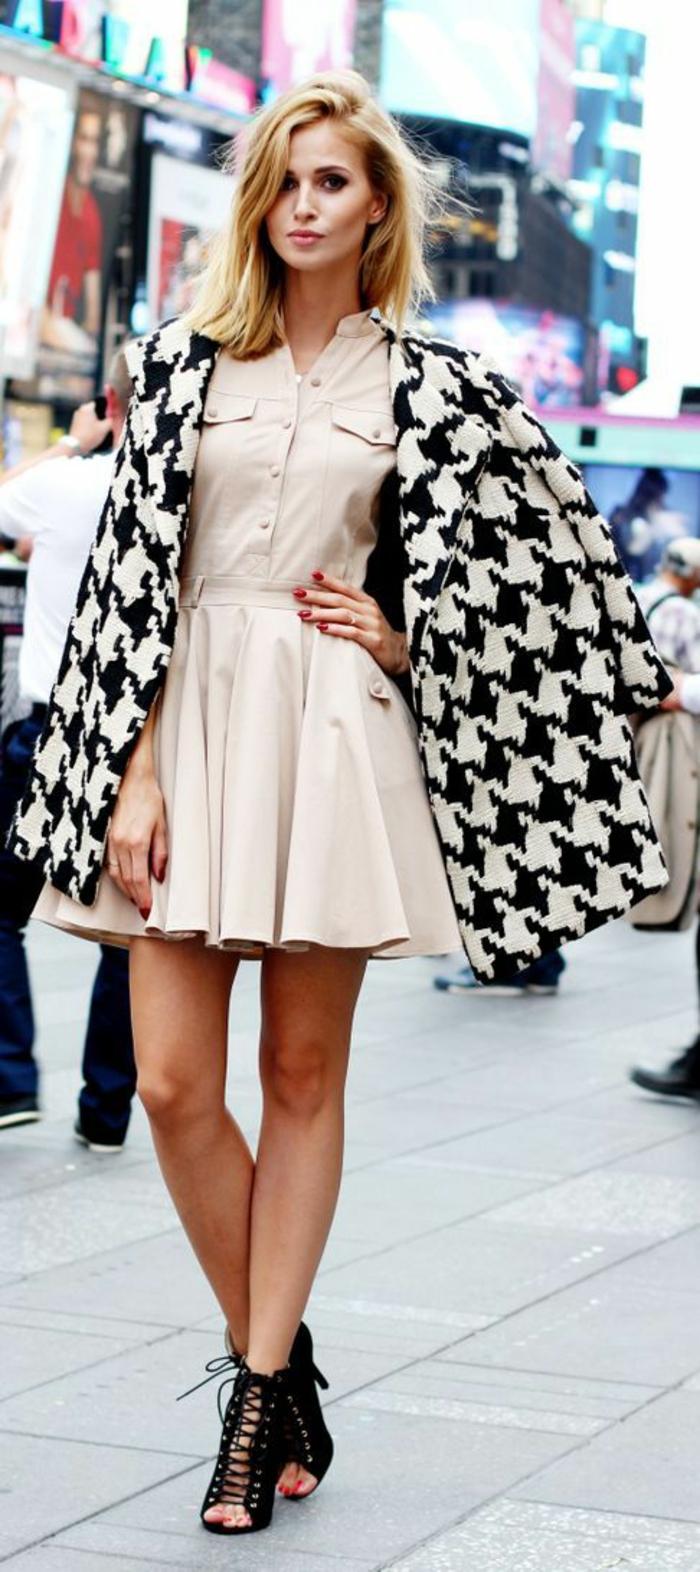 tenue habillée, veste a grandes pépites, bottines ouvertes devant avec des lacets, mini robe évasée beige, casual chic femme, comment bien s habiller